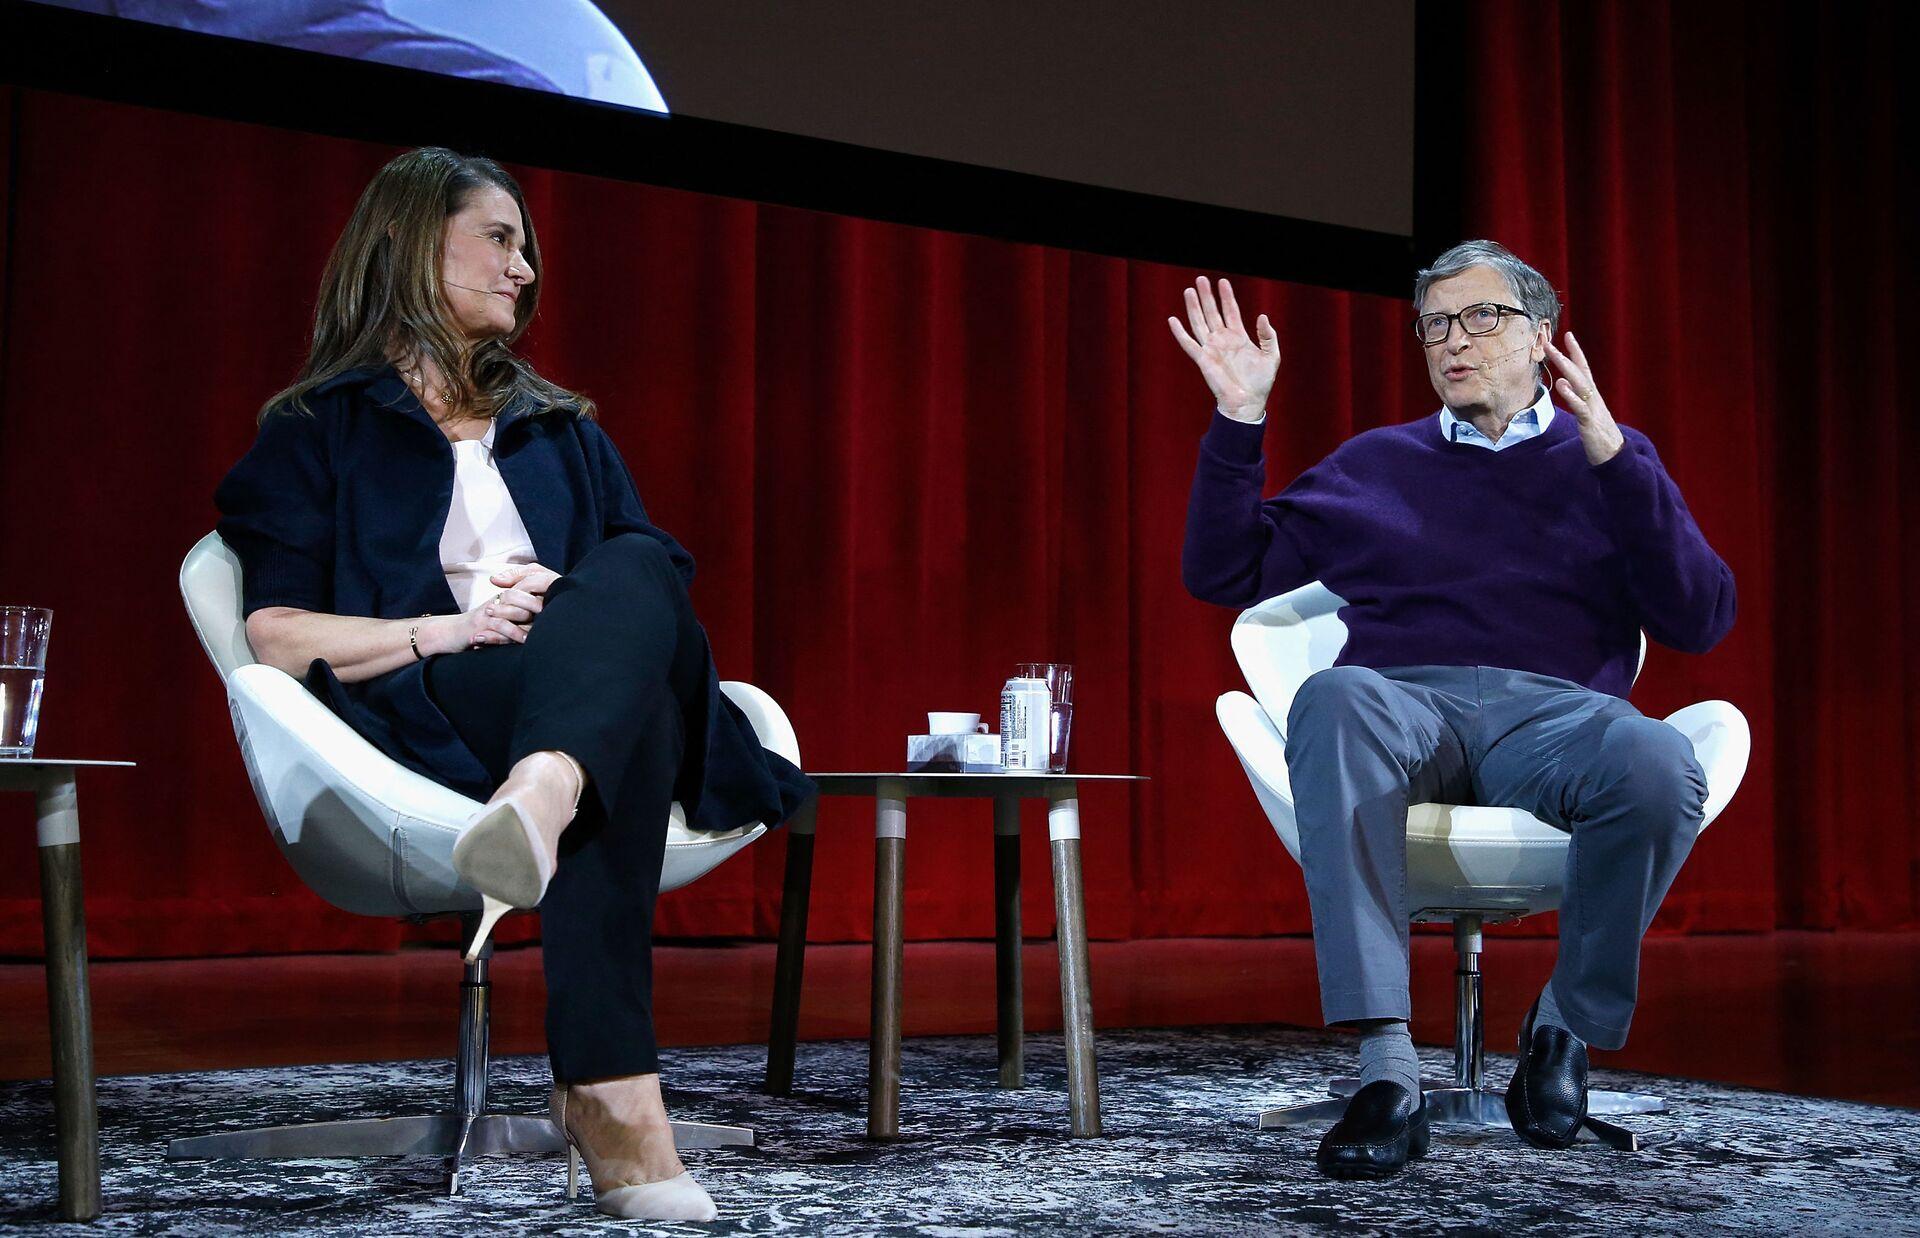 Bill e Melinda Gates partecipano ad una conferenza a New York - Sputnik Italia, 1920, 18.05.2021